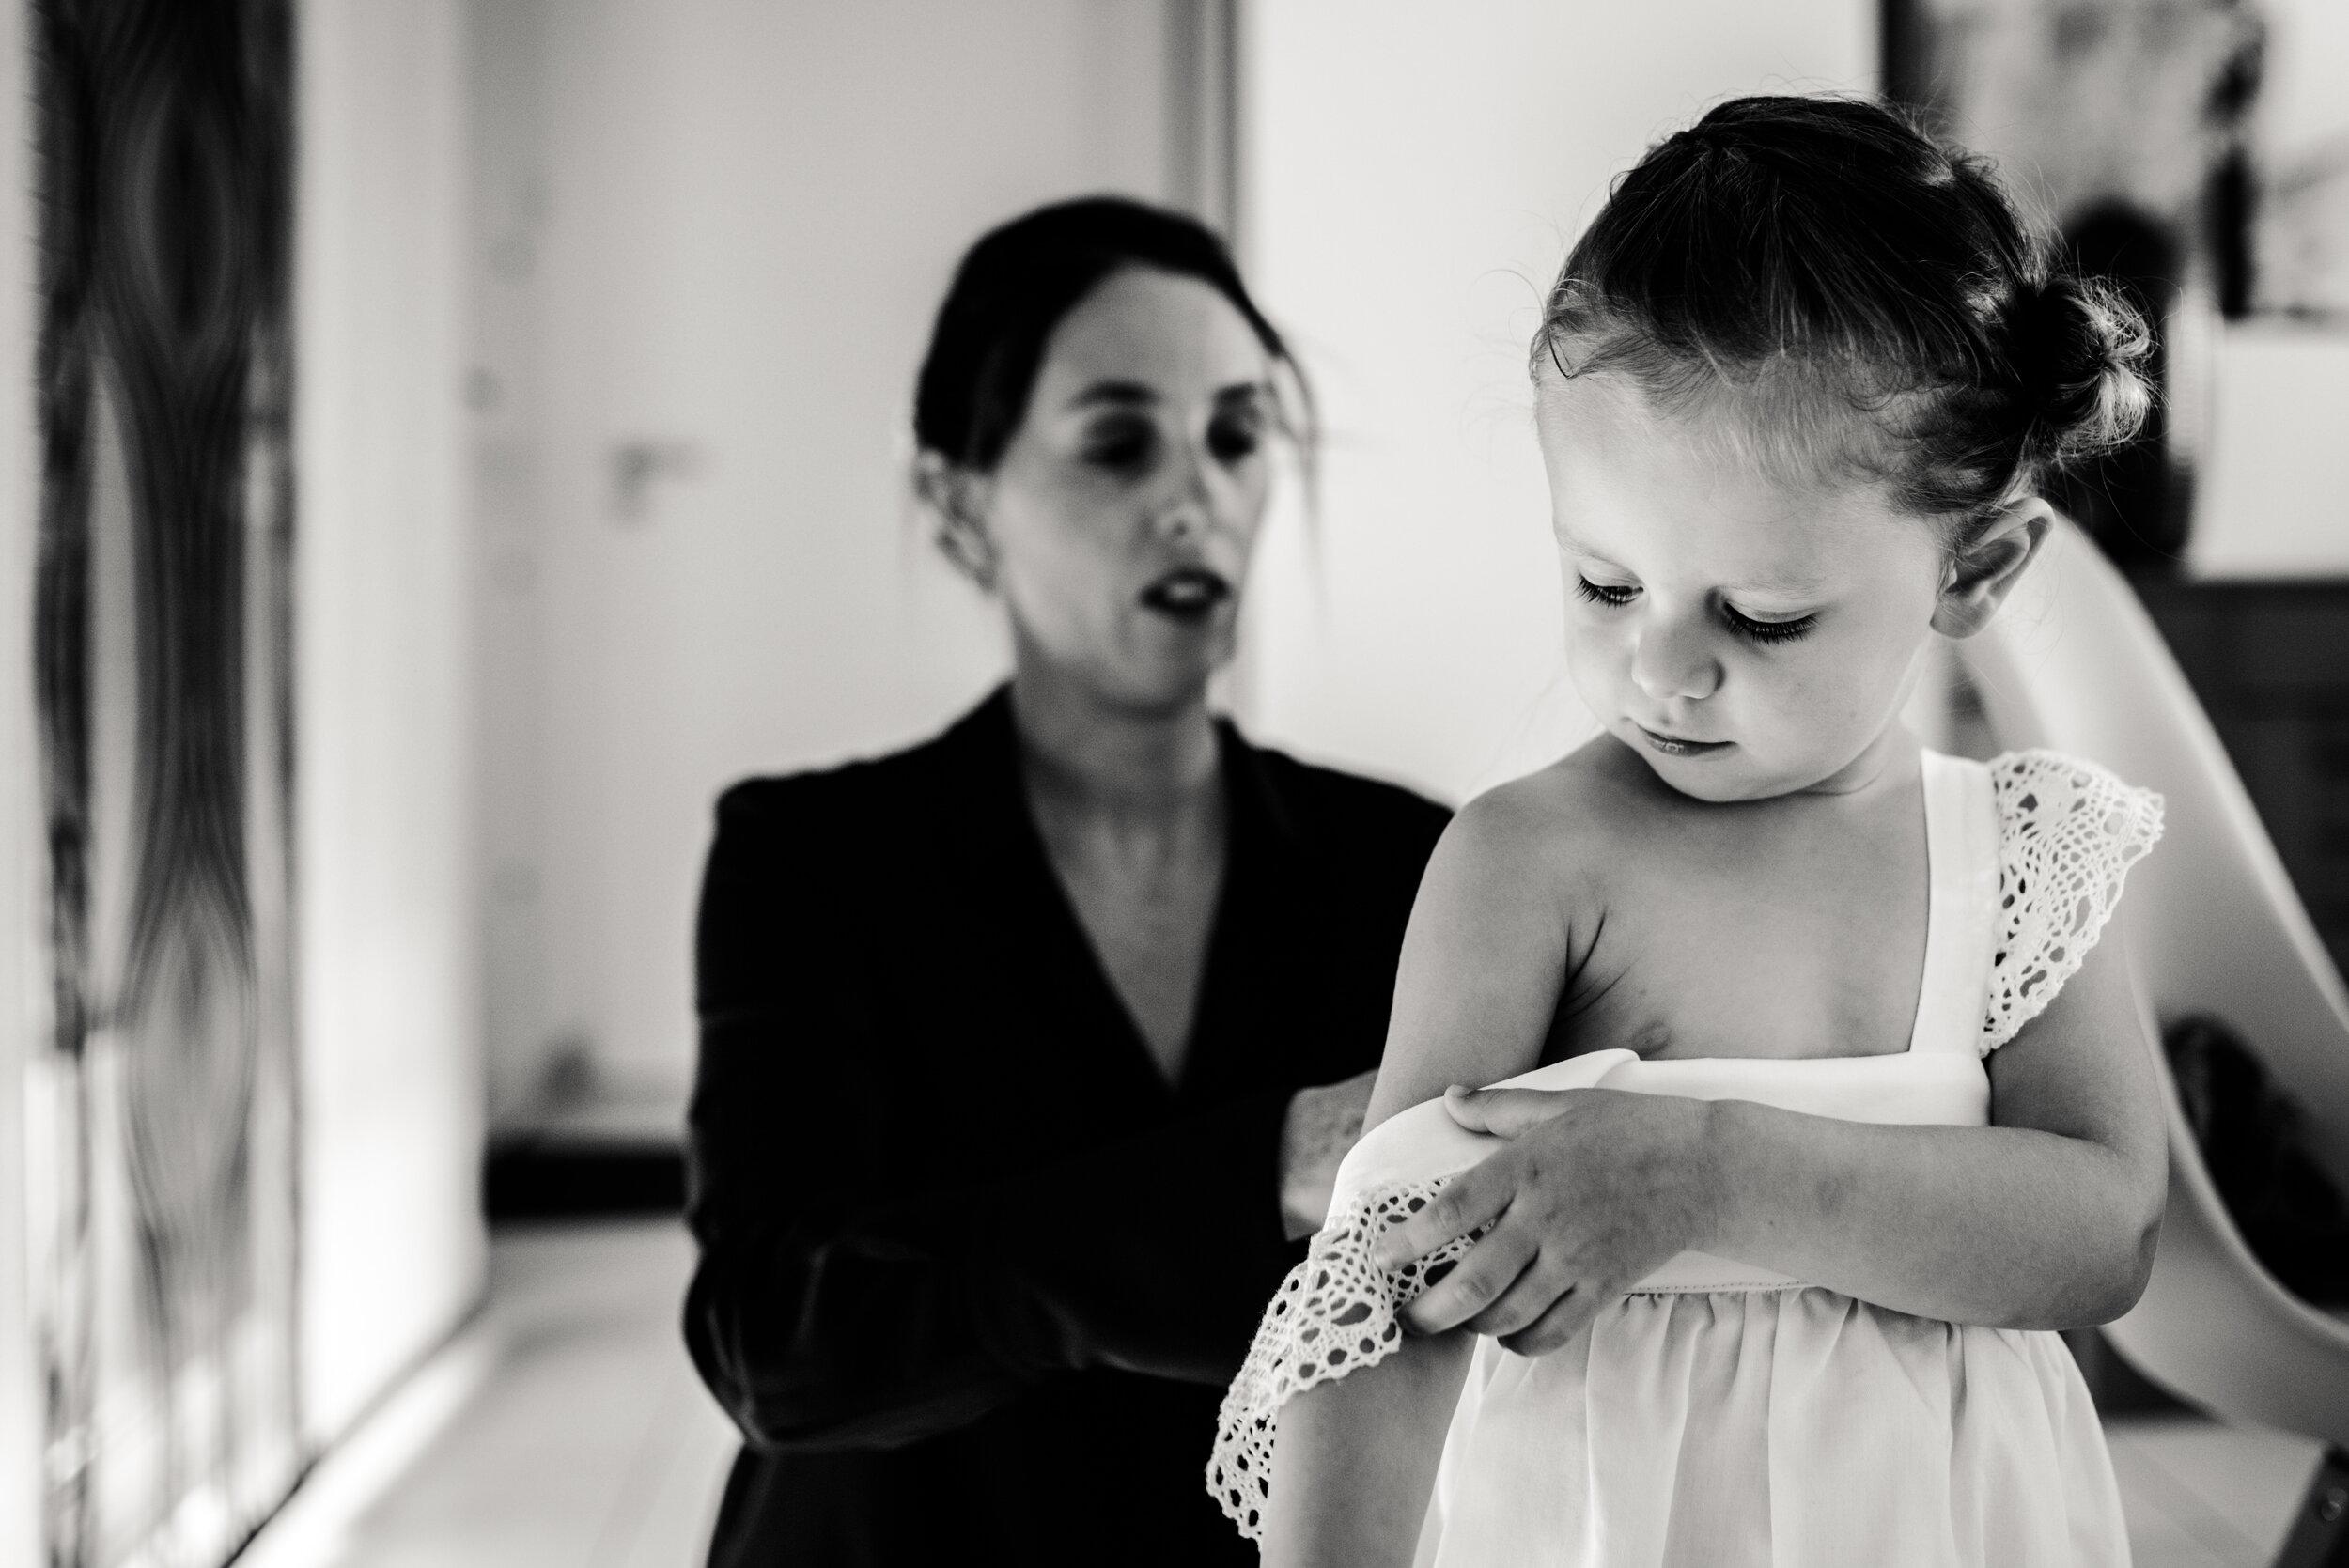 Léa-Fery-photographe-professionnel-Bretagne-portrait-creation-mariage-evenement-evenementiel-famille-6236.jpg